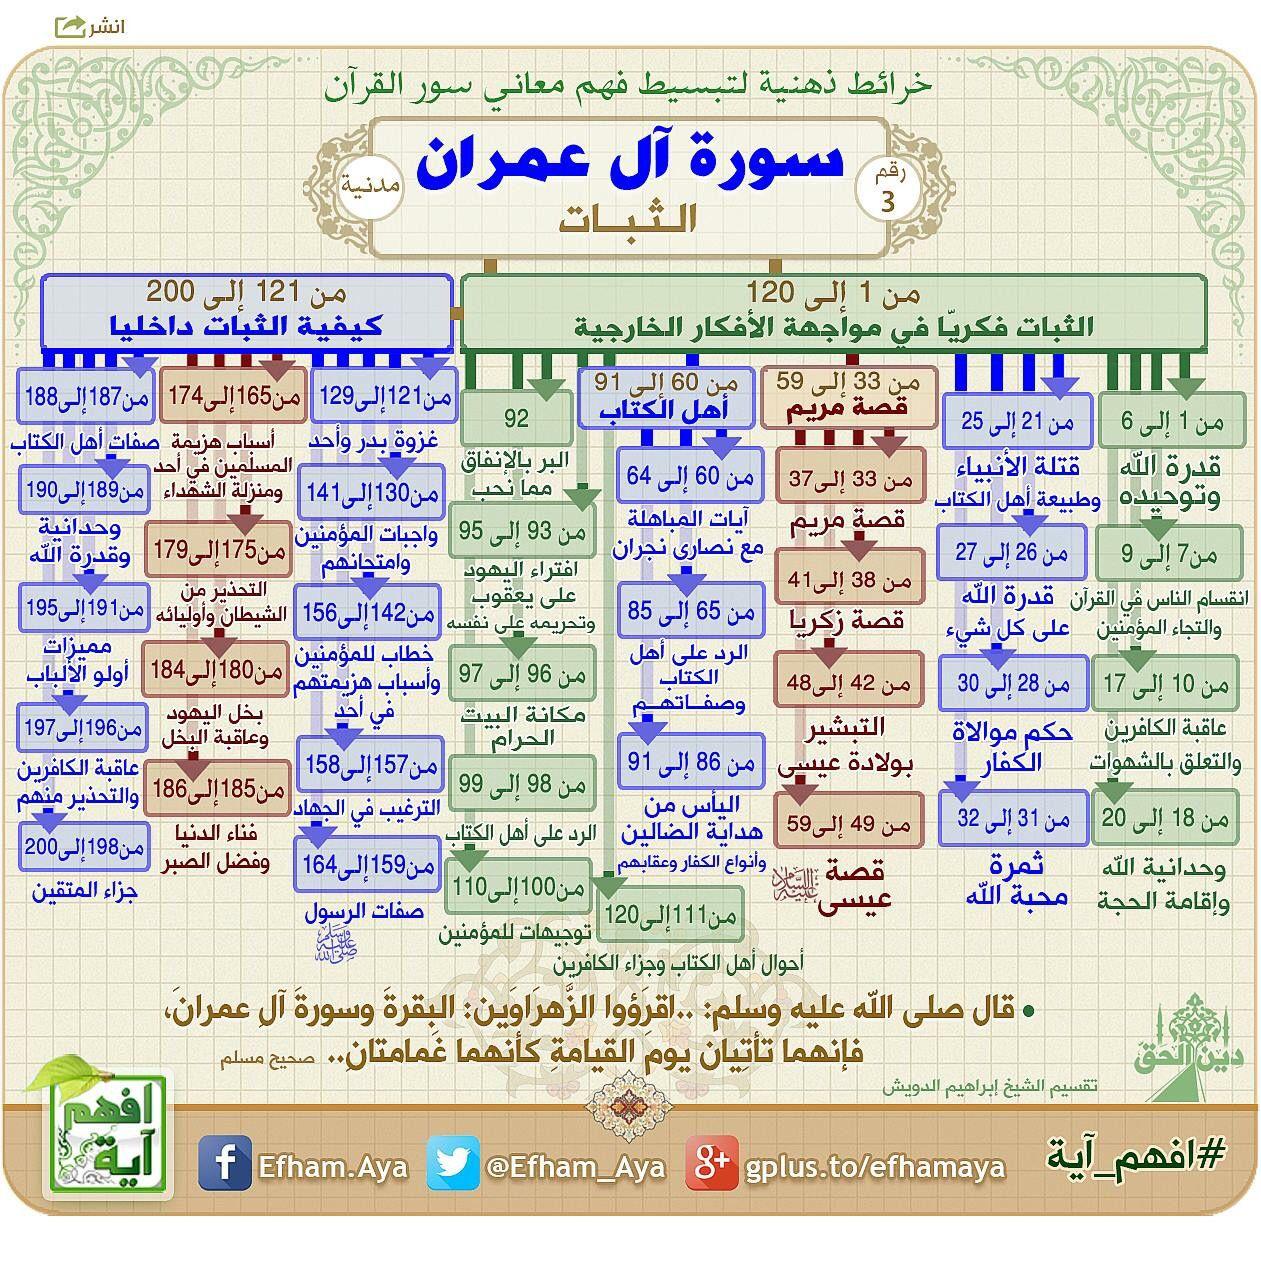 خرائط ذهنية سورة ال عمران Quran Tafseer Quran Book Islam Beliefs